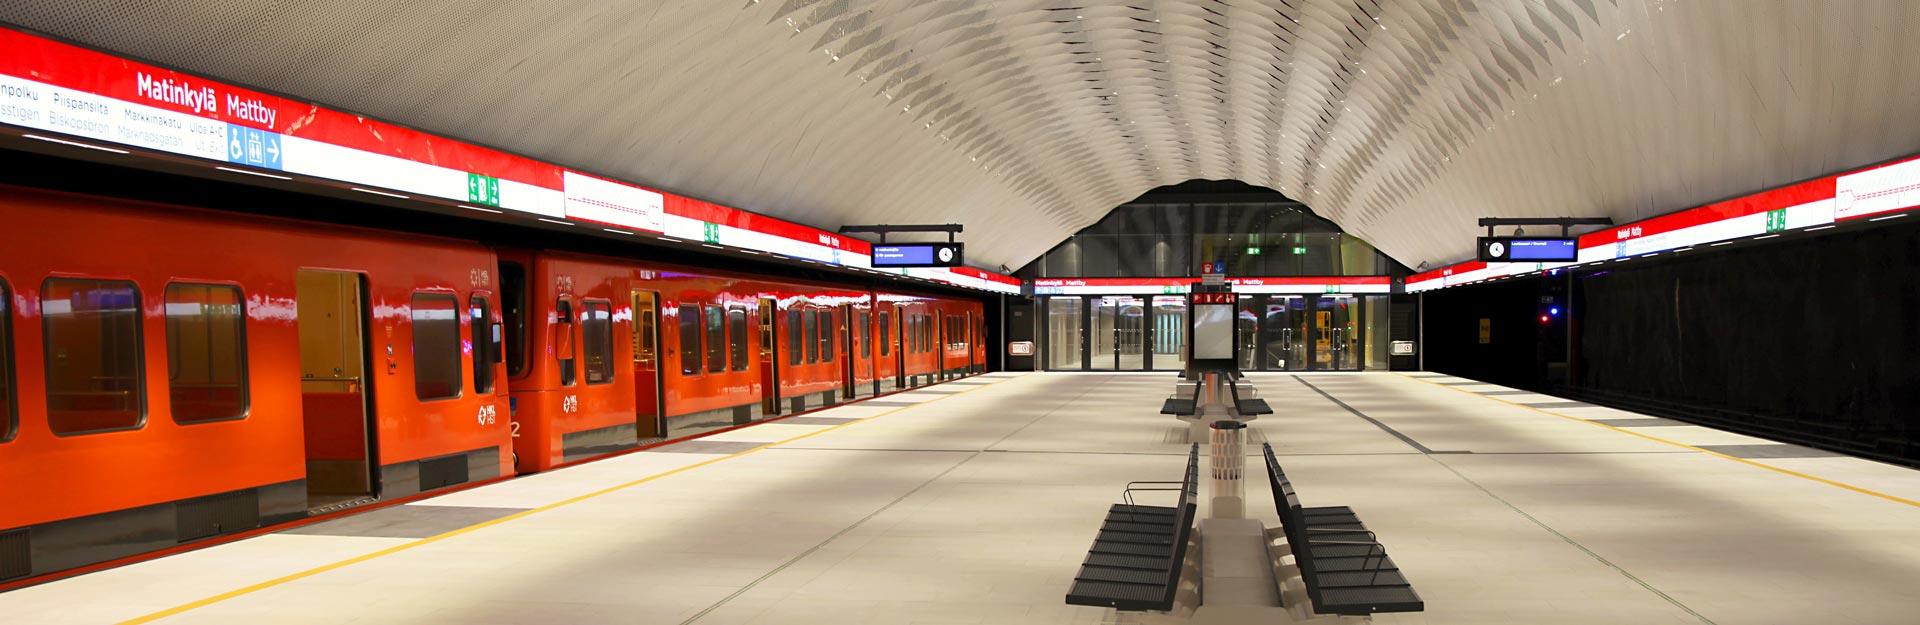 Metro Matinkylän metroasemalla.